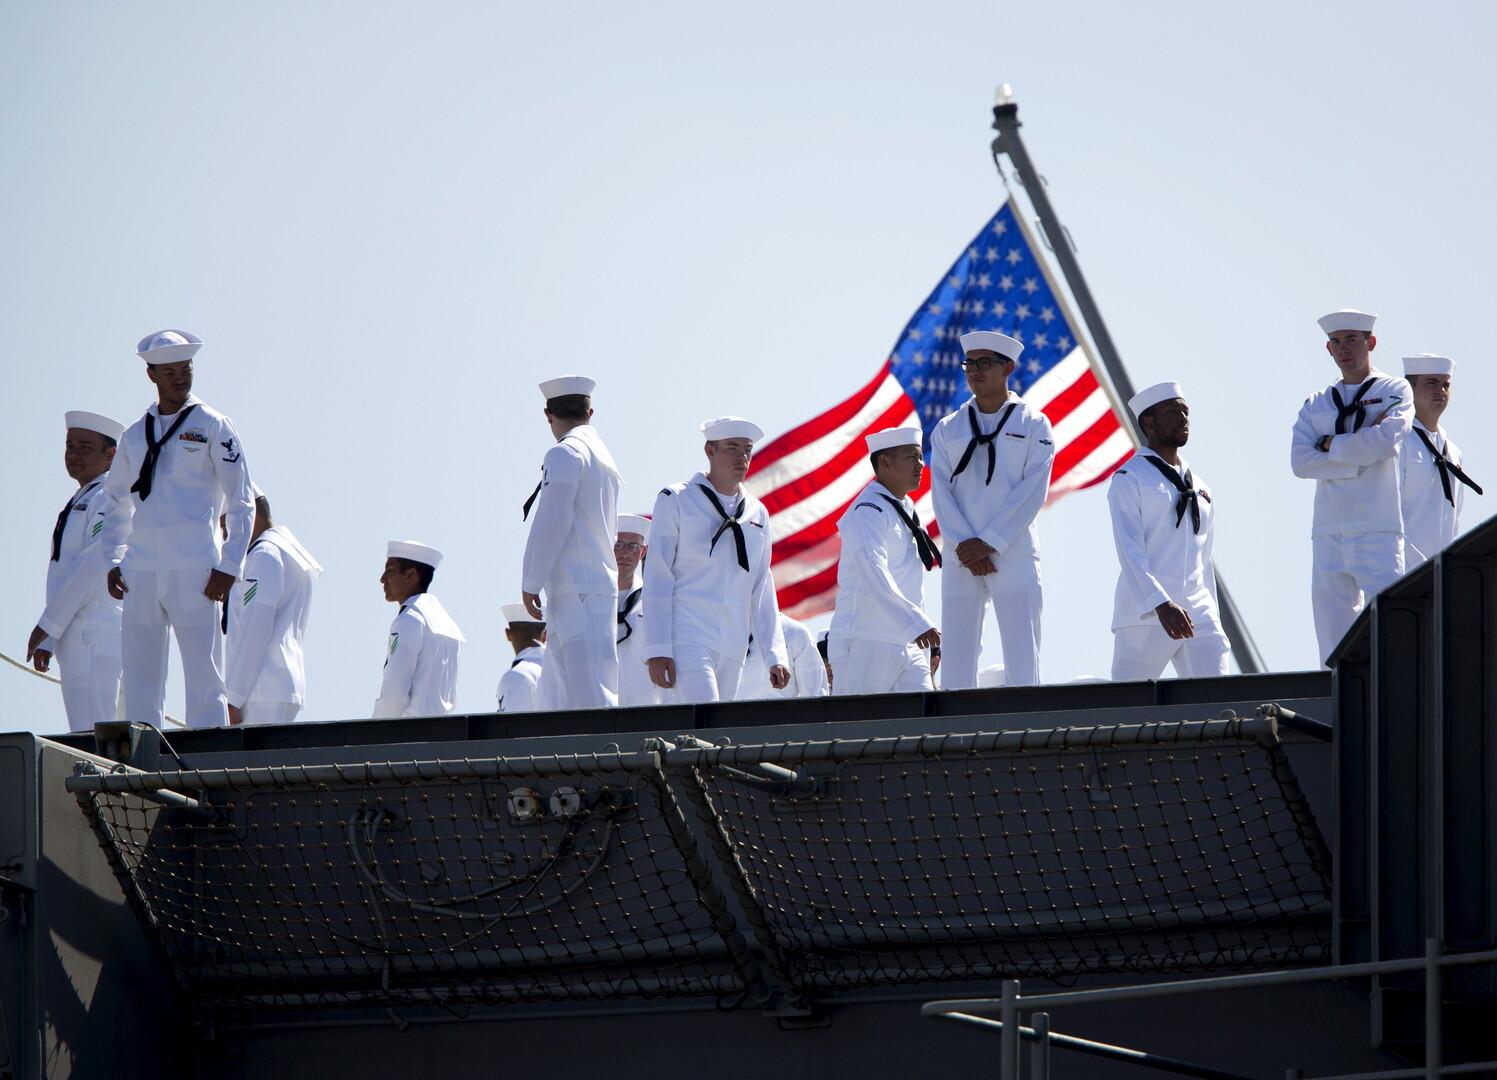 أول مناورات بحرية من نوعها بين الولايات المتحدة ودول